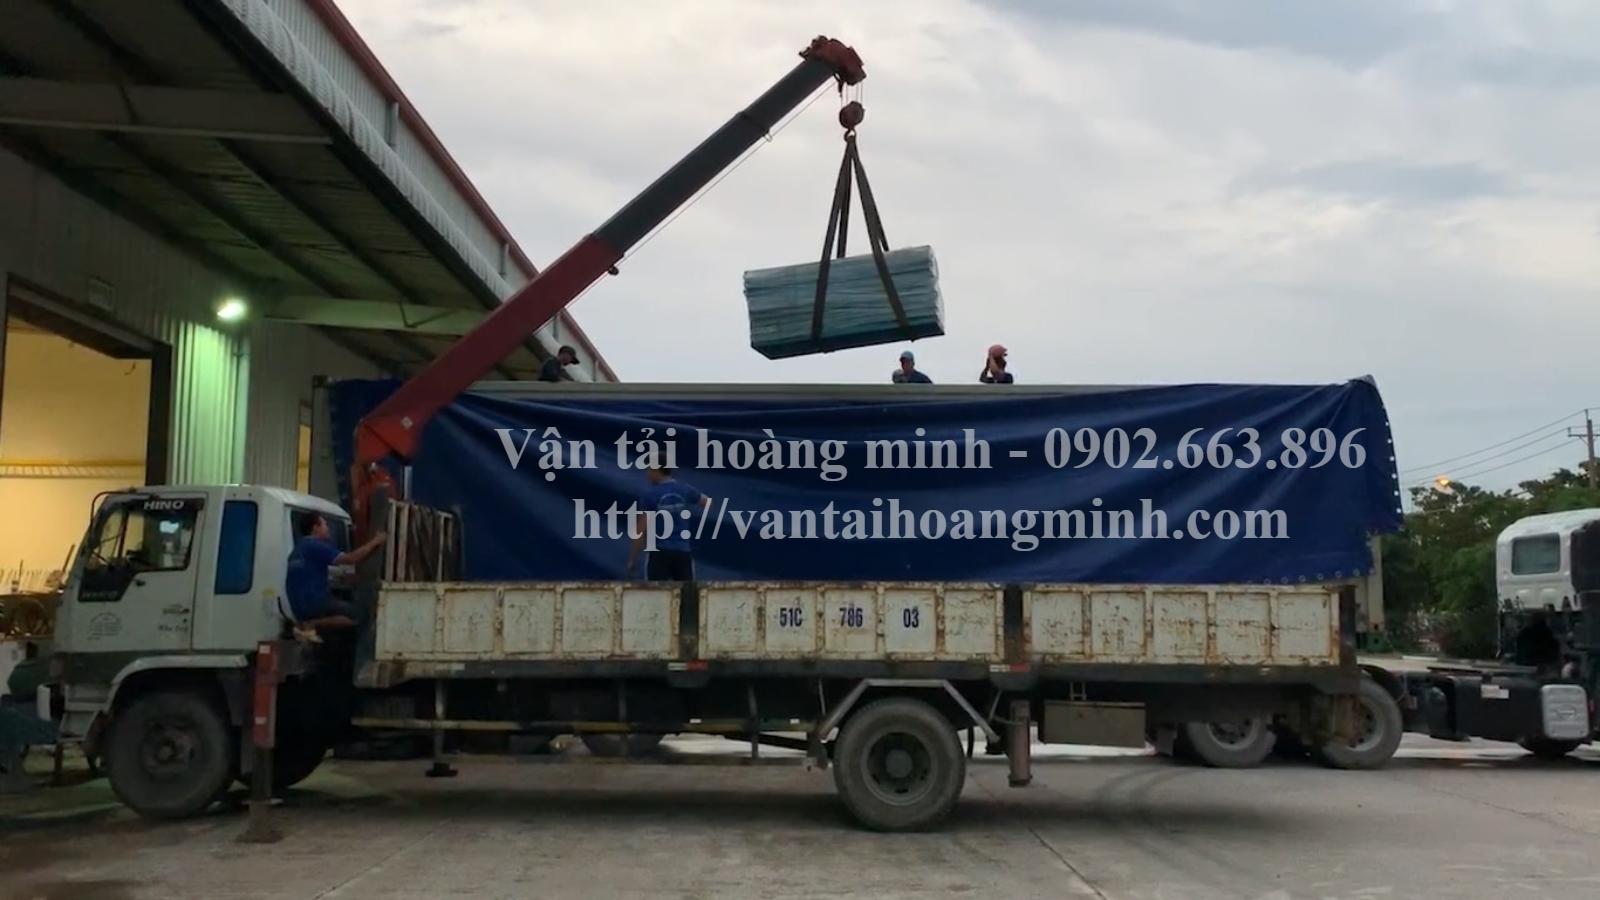 dịch vụ xe cẩu quận 5 của vthm